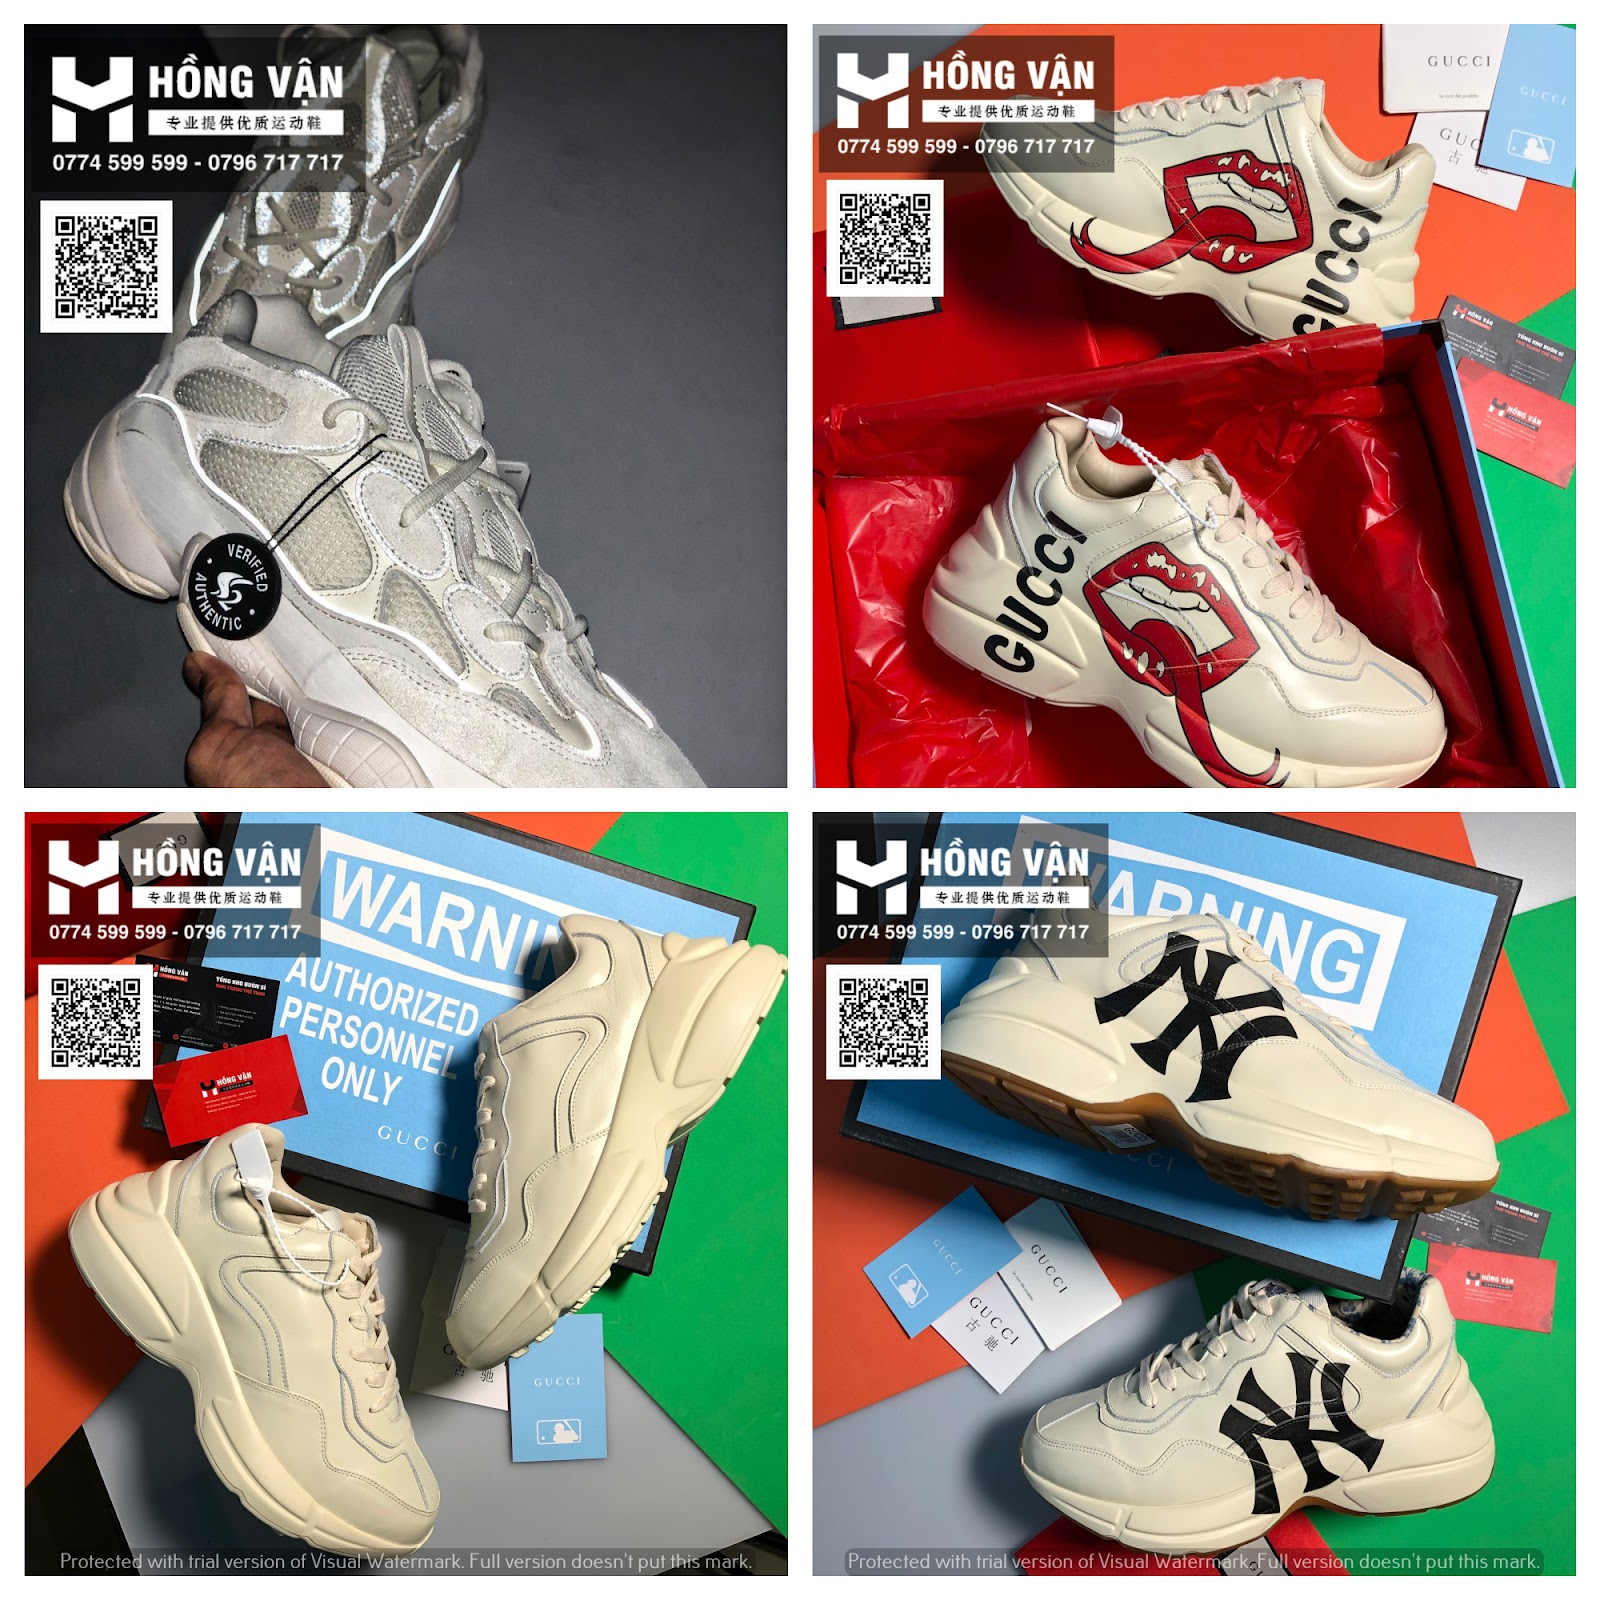 Hồng Vận - Tổng buôn sỉ giày thể thao uy tín , chất lượng , giá phải chăng